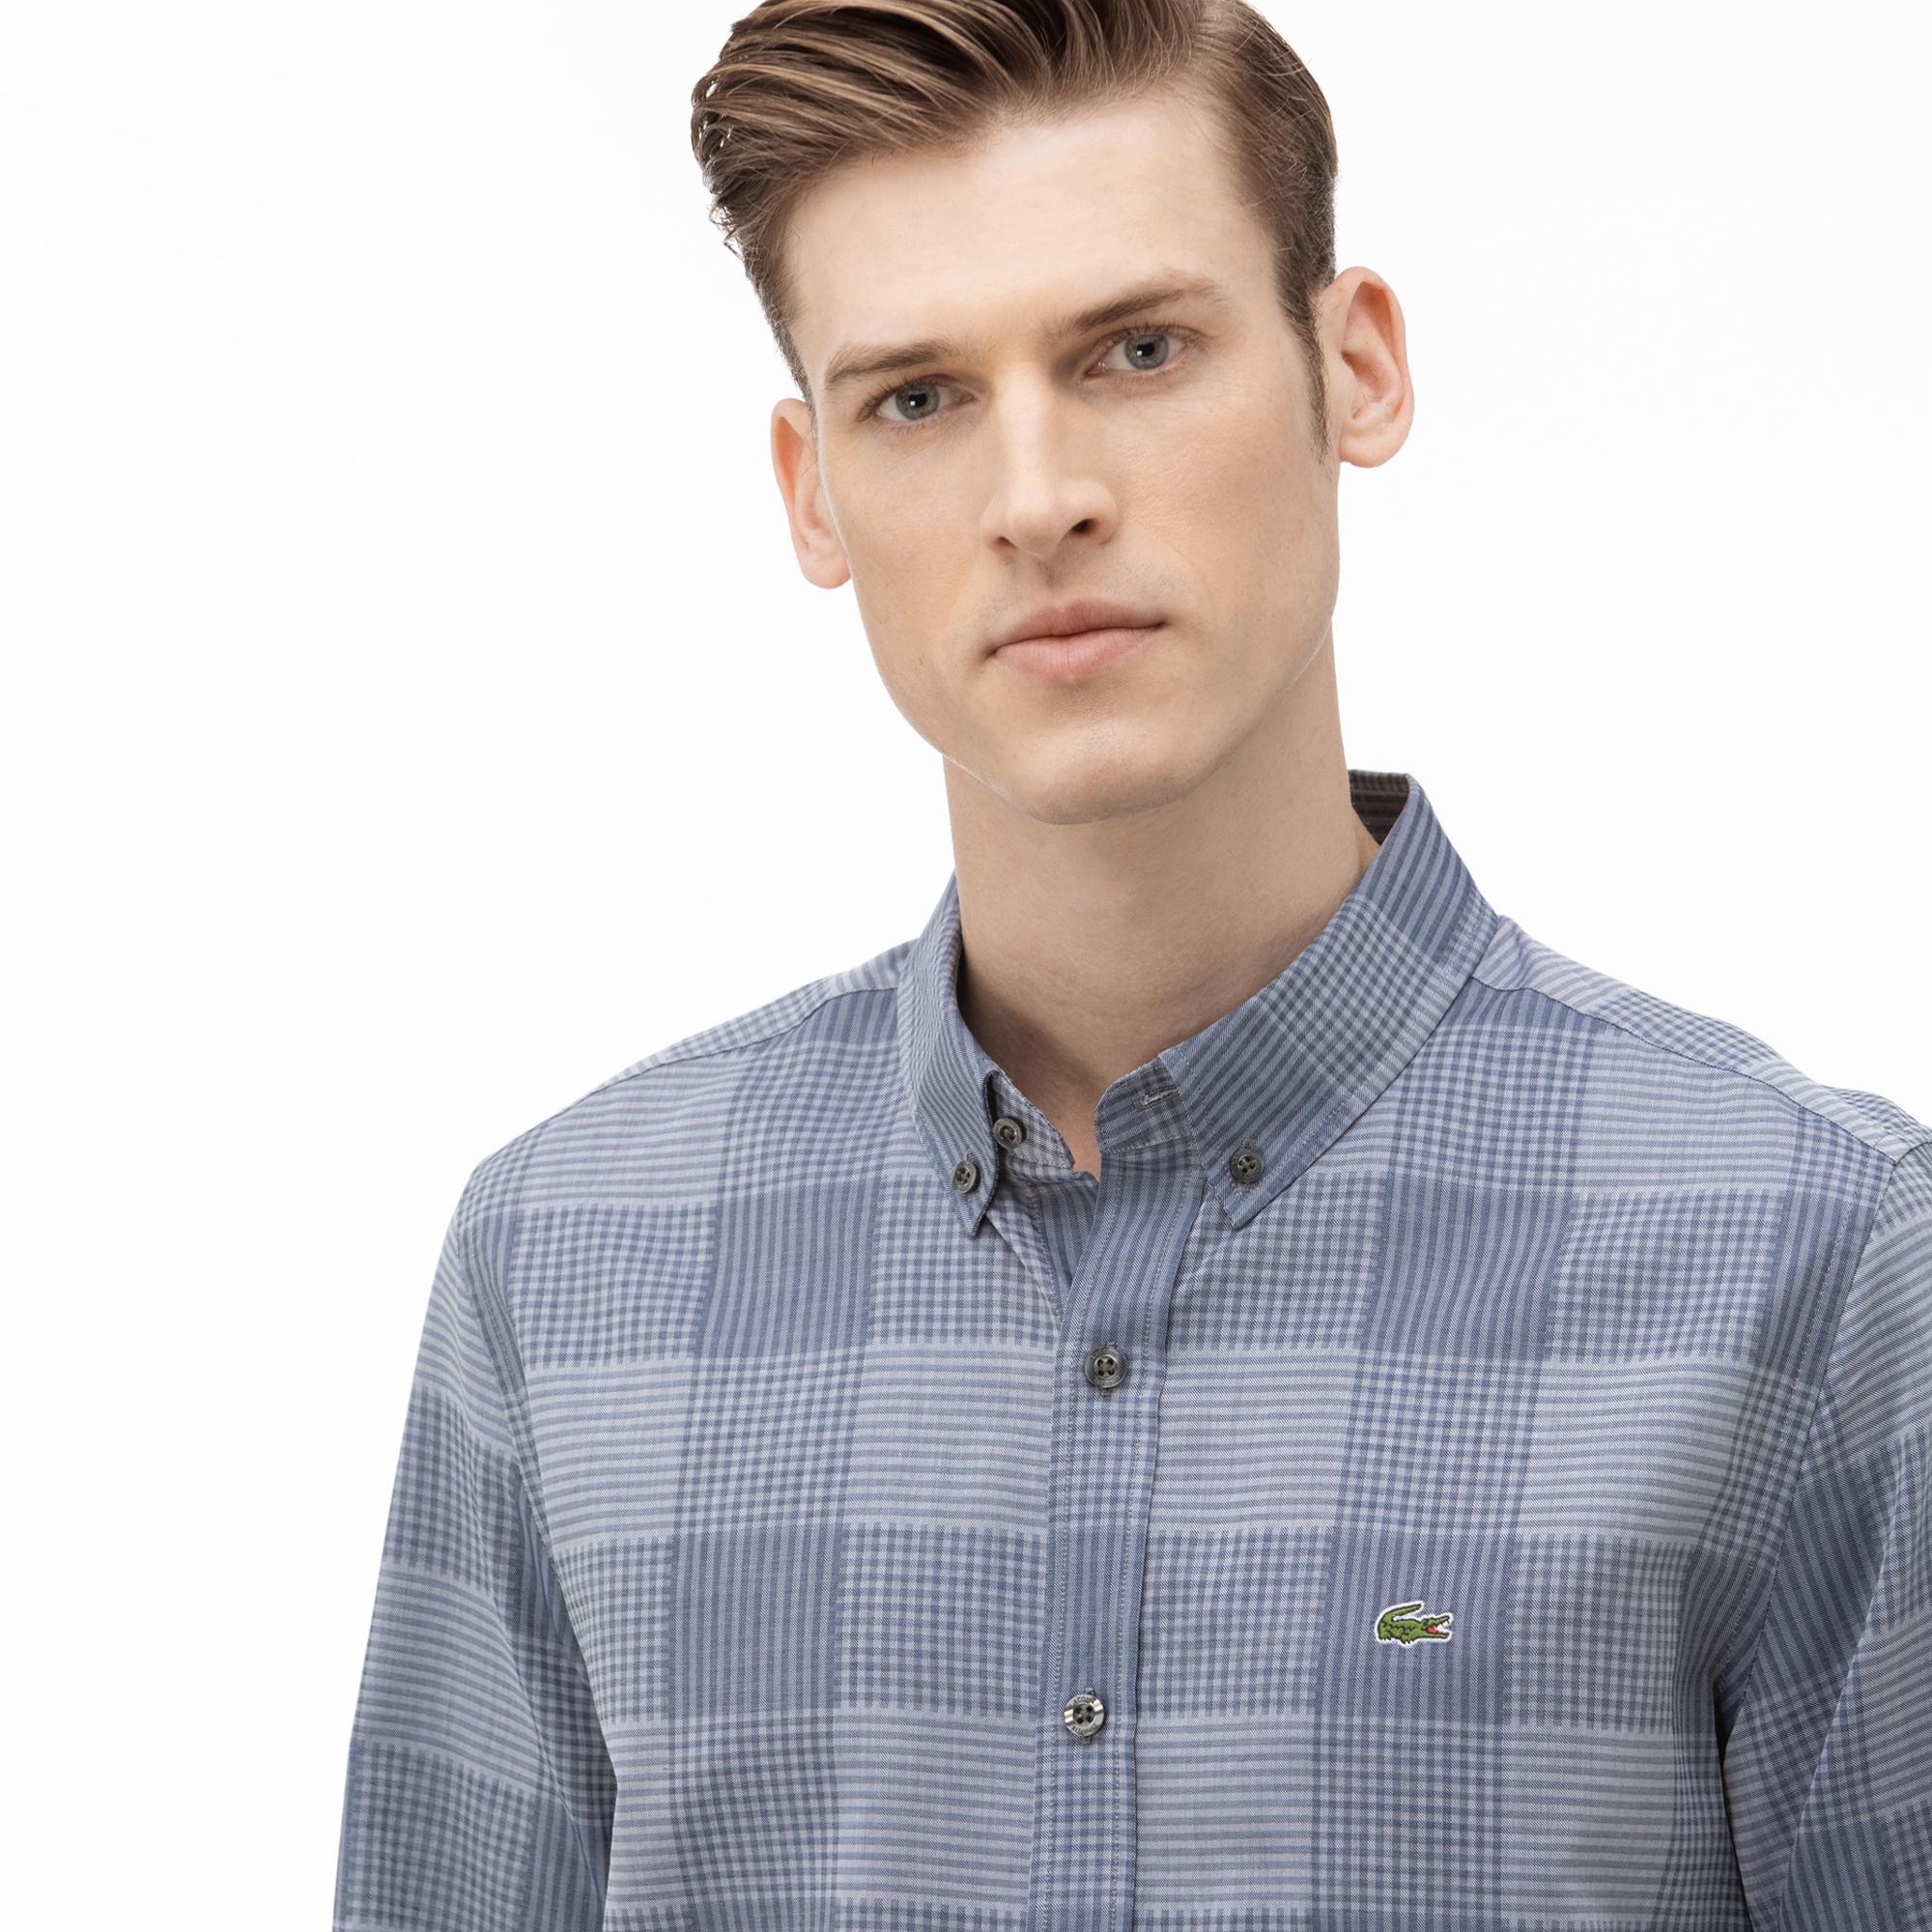 Lacoste Erkek Slim Fit Düğmeli Yaka Ekose Desenli Mavi Gömlek